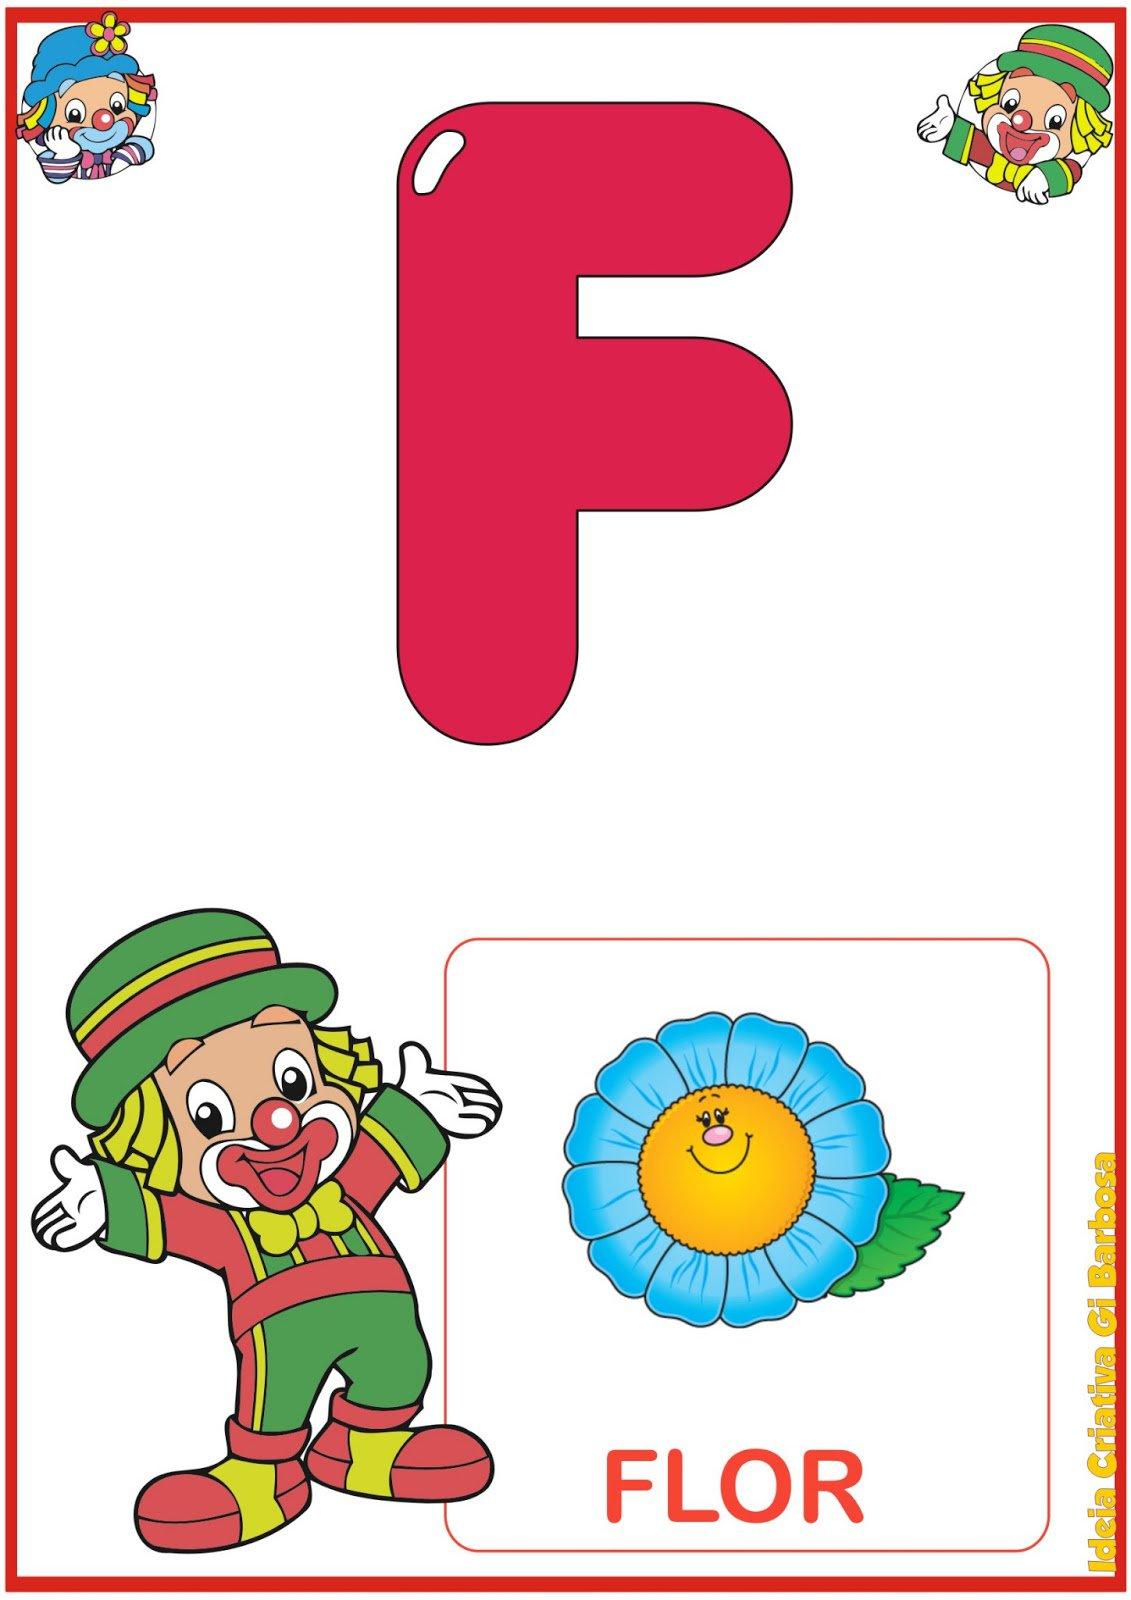 Alfabetos Ideia Criativa  Alfabeto Patati Patata Para Imprimir Grátis